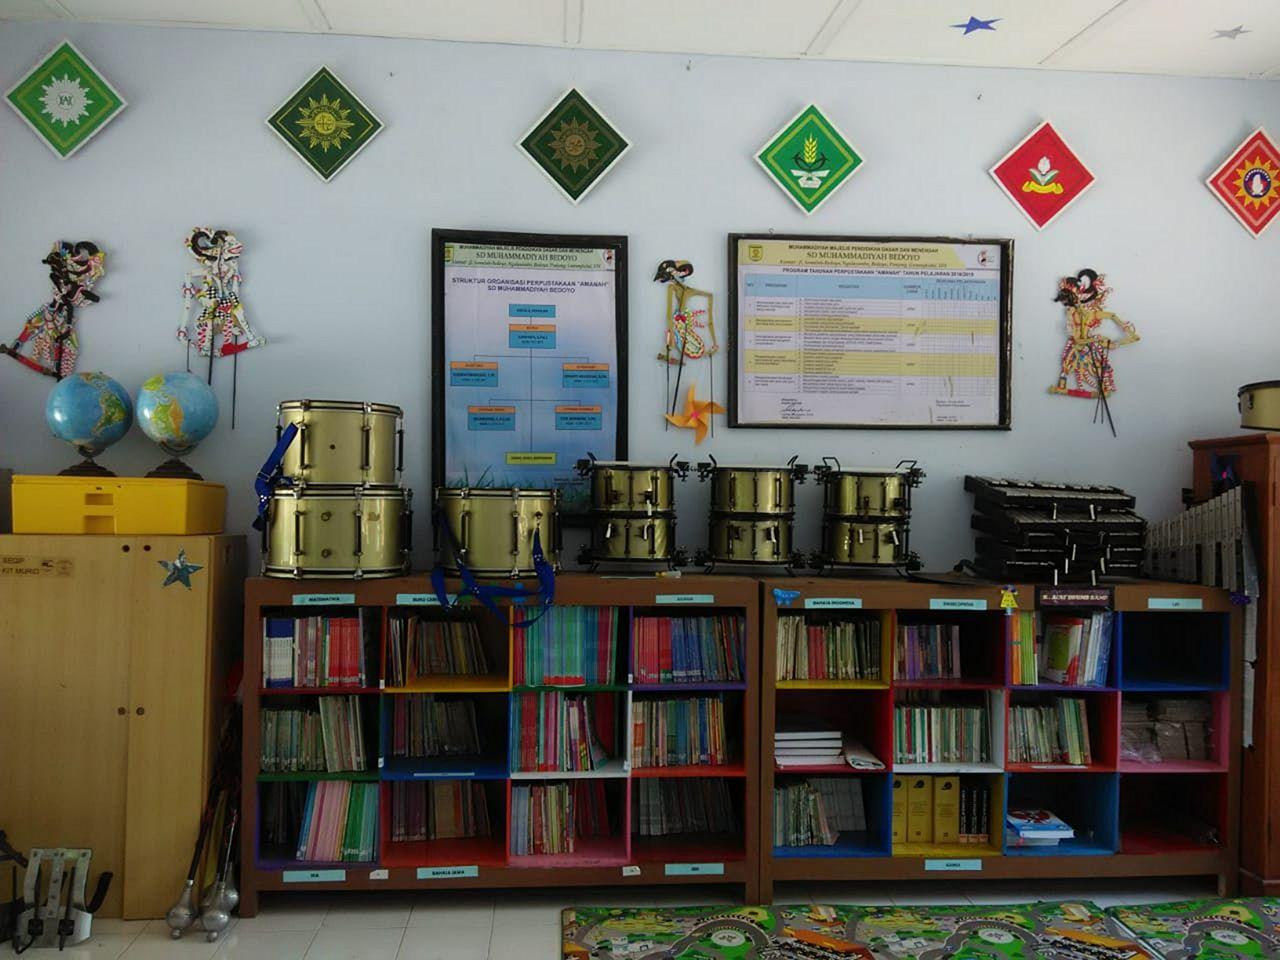 SD Muhammadiyah Bedoyo Sekolah Desa Nuansa Kota 03